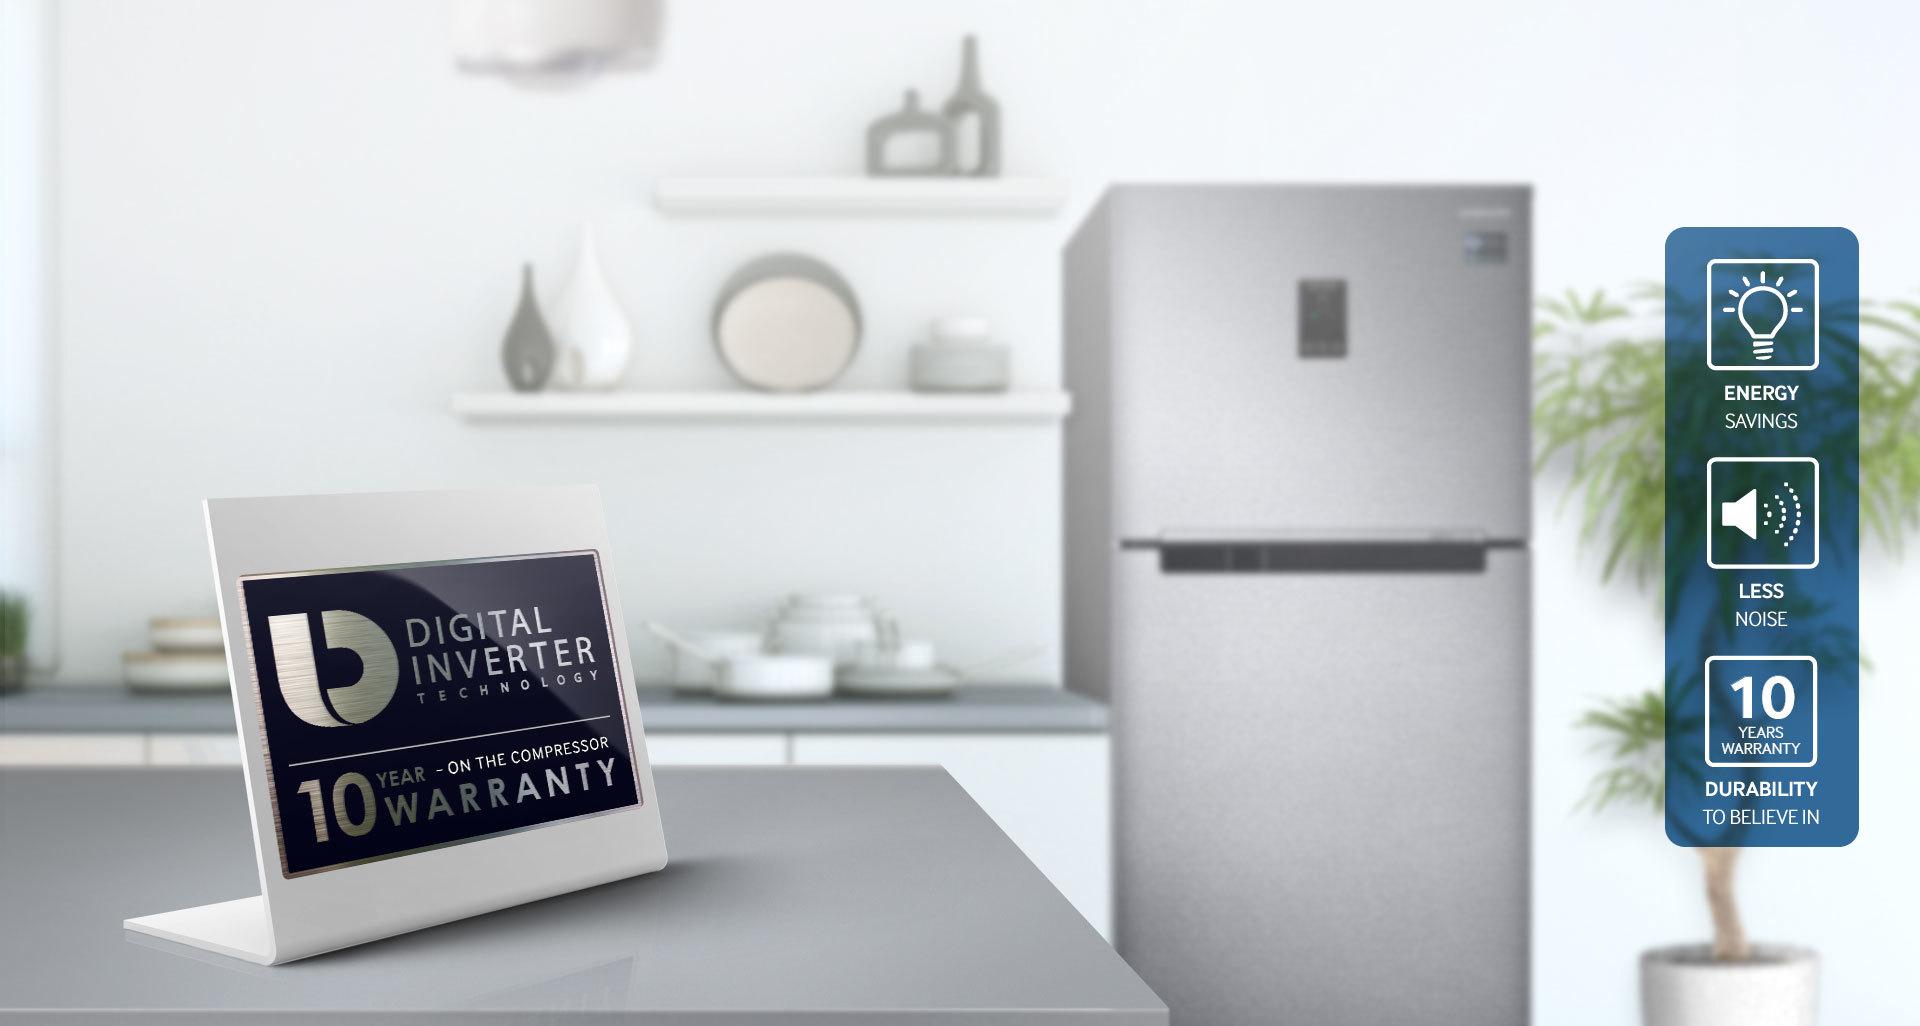 Tủ lạnh Samsung Inverter 380 lít RT38K5982DX/SV tiets kiệm năng lượng